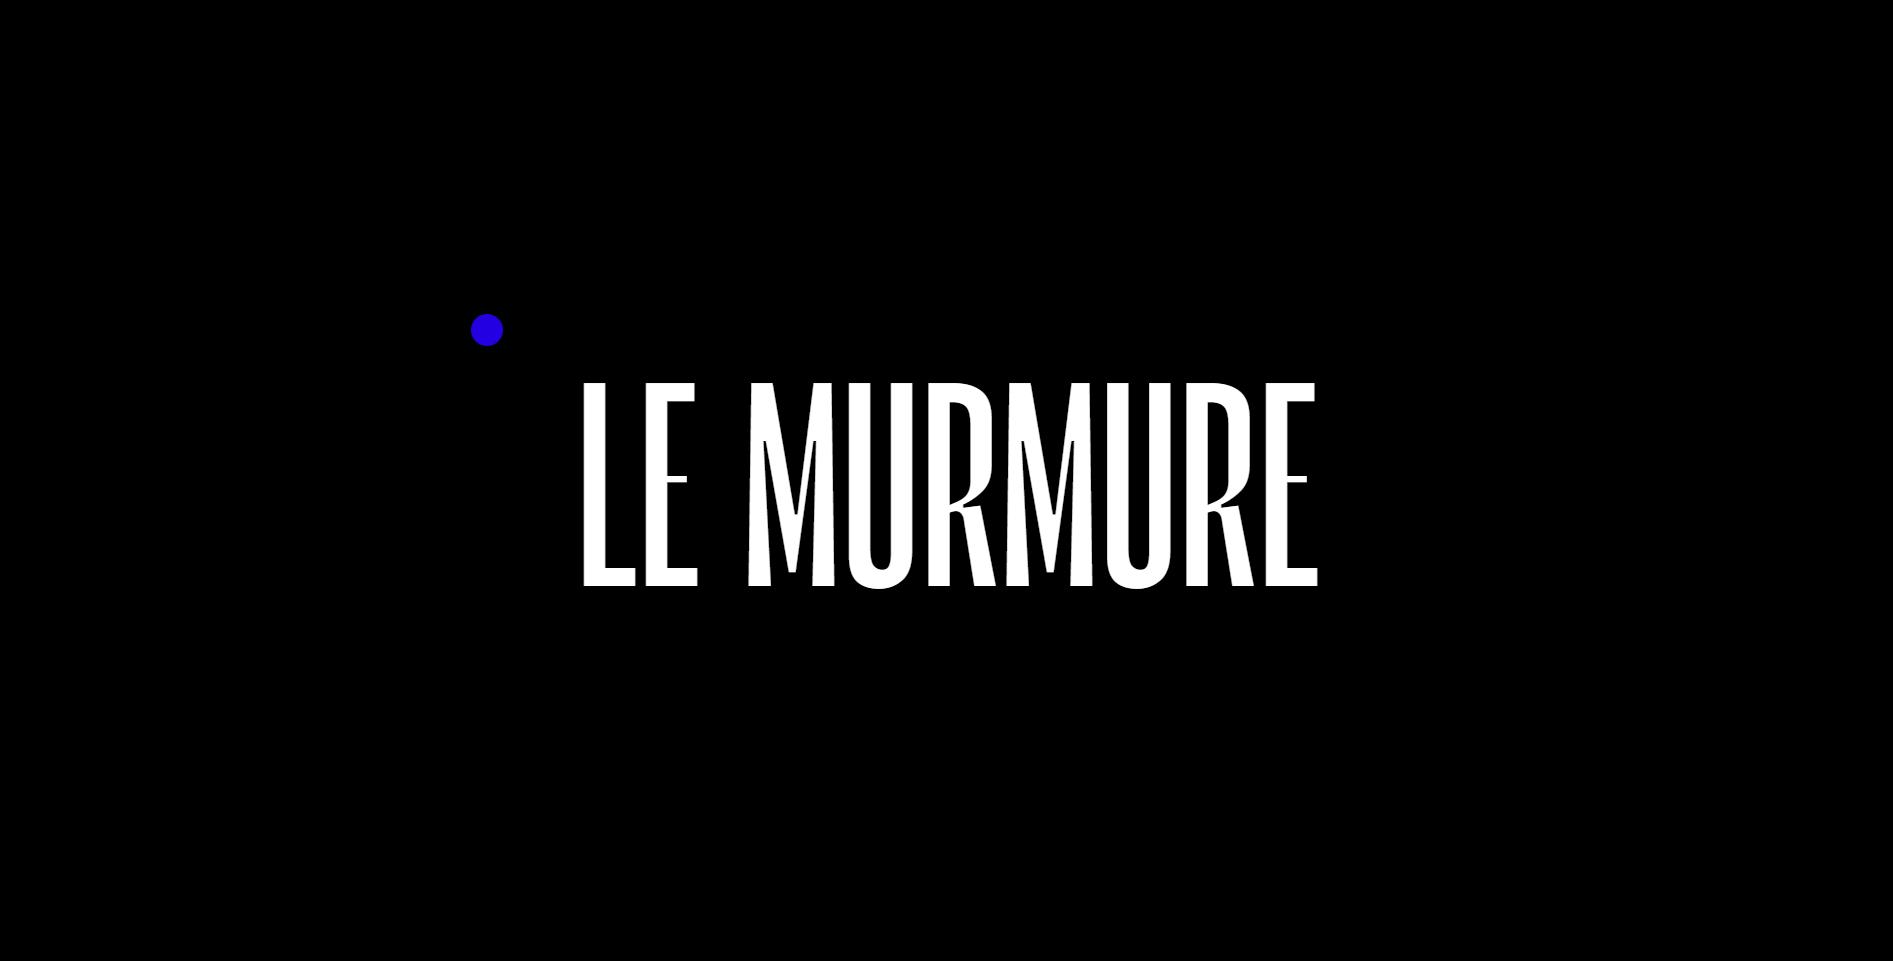 Site LeMurmure